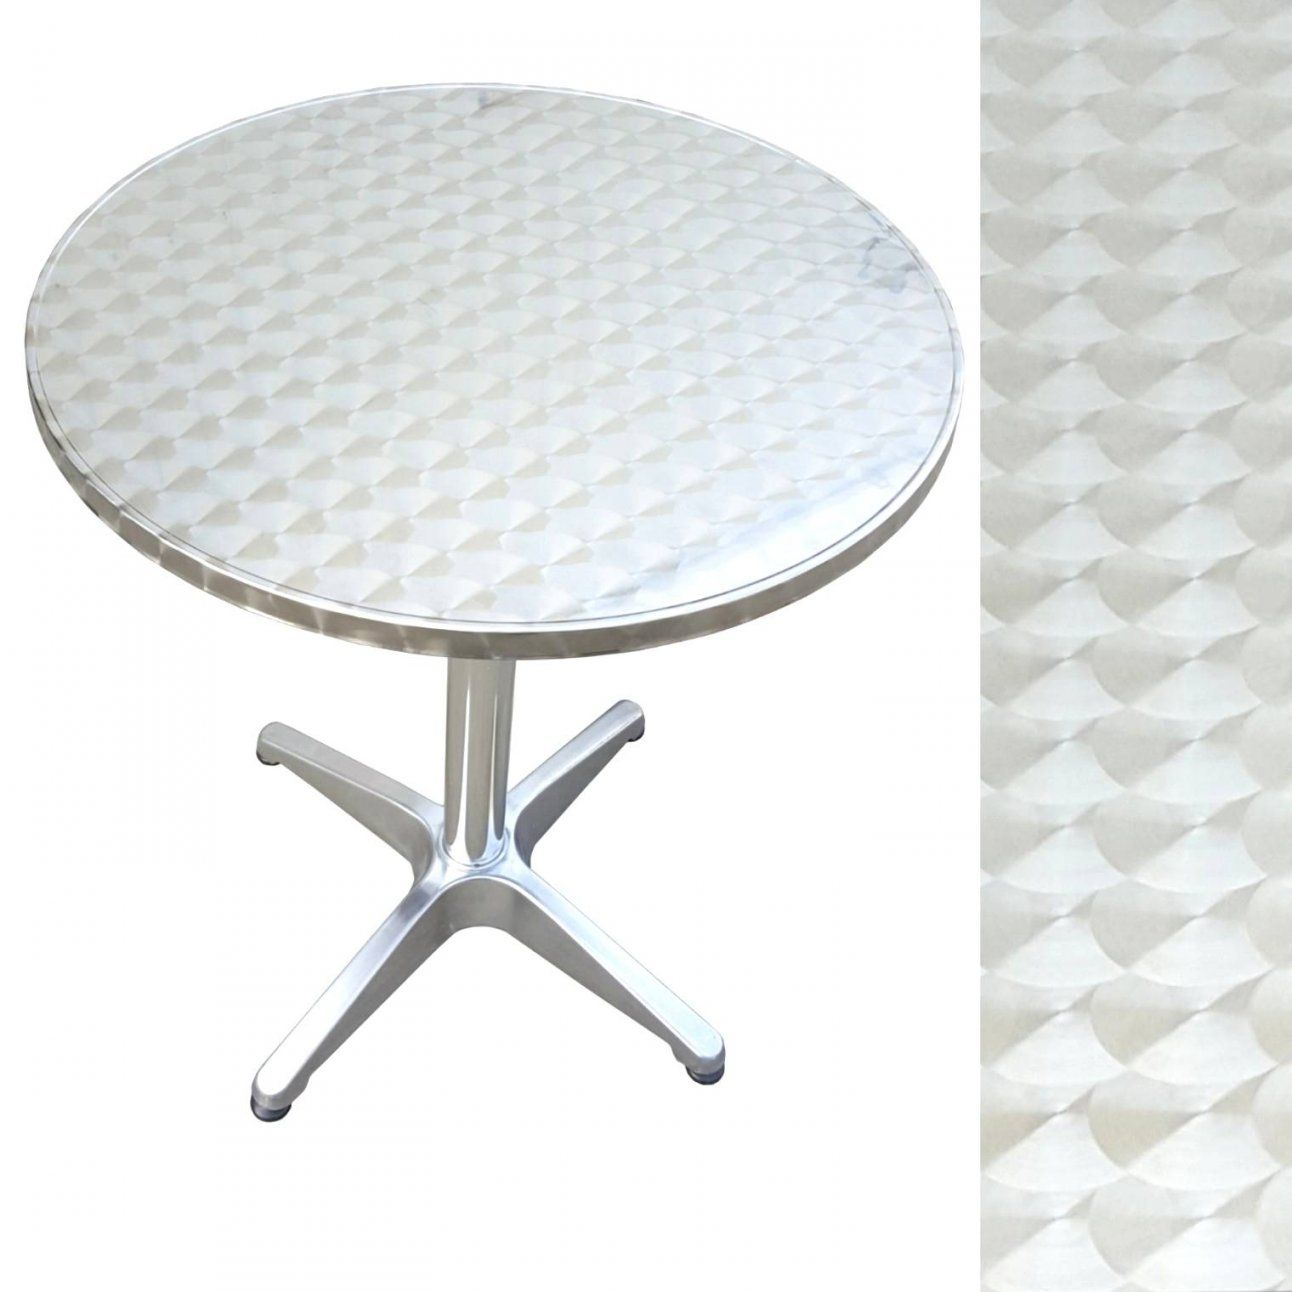 Gartentisch Rund Kunststoff Weiss Alu Durch Holzplatte Klappbar